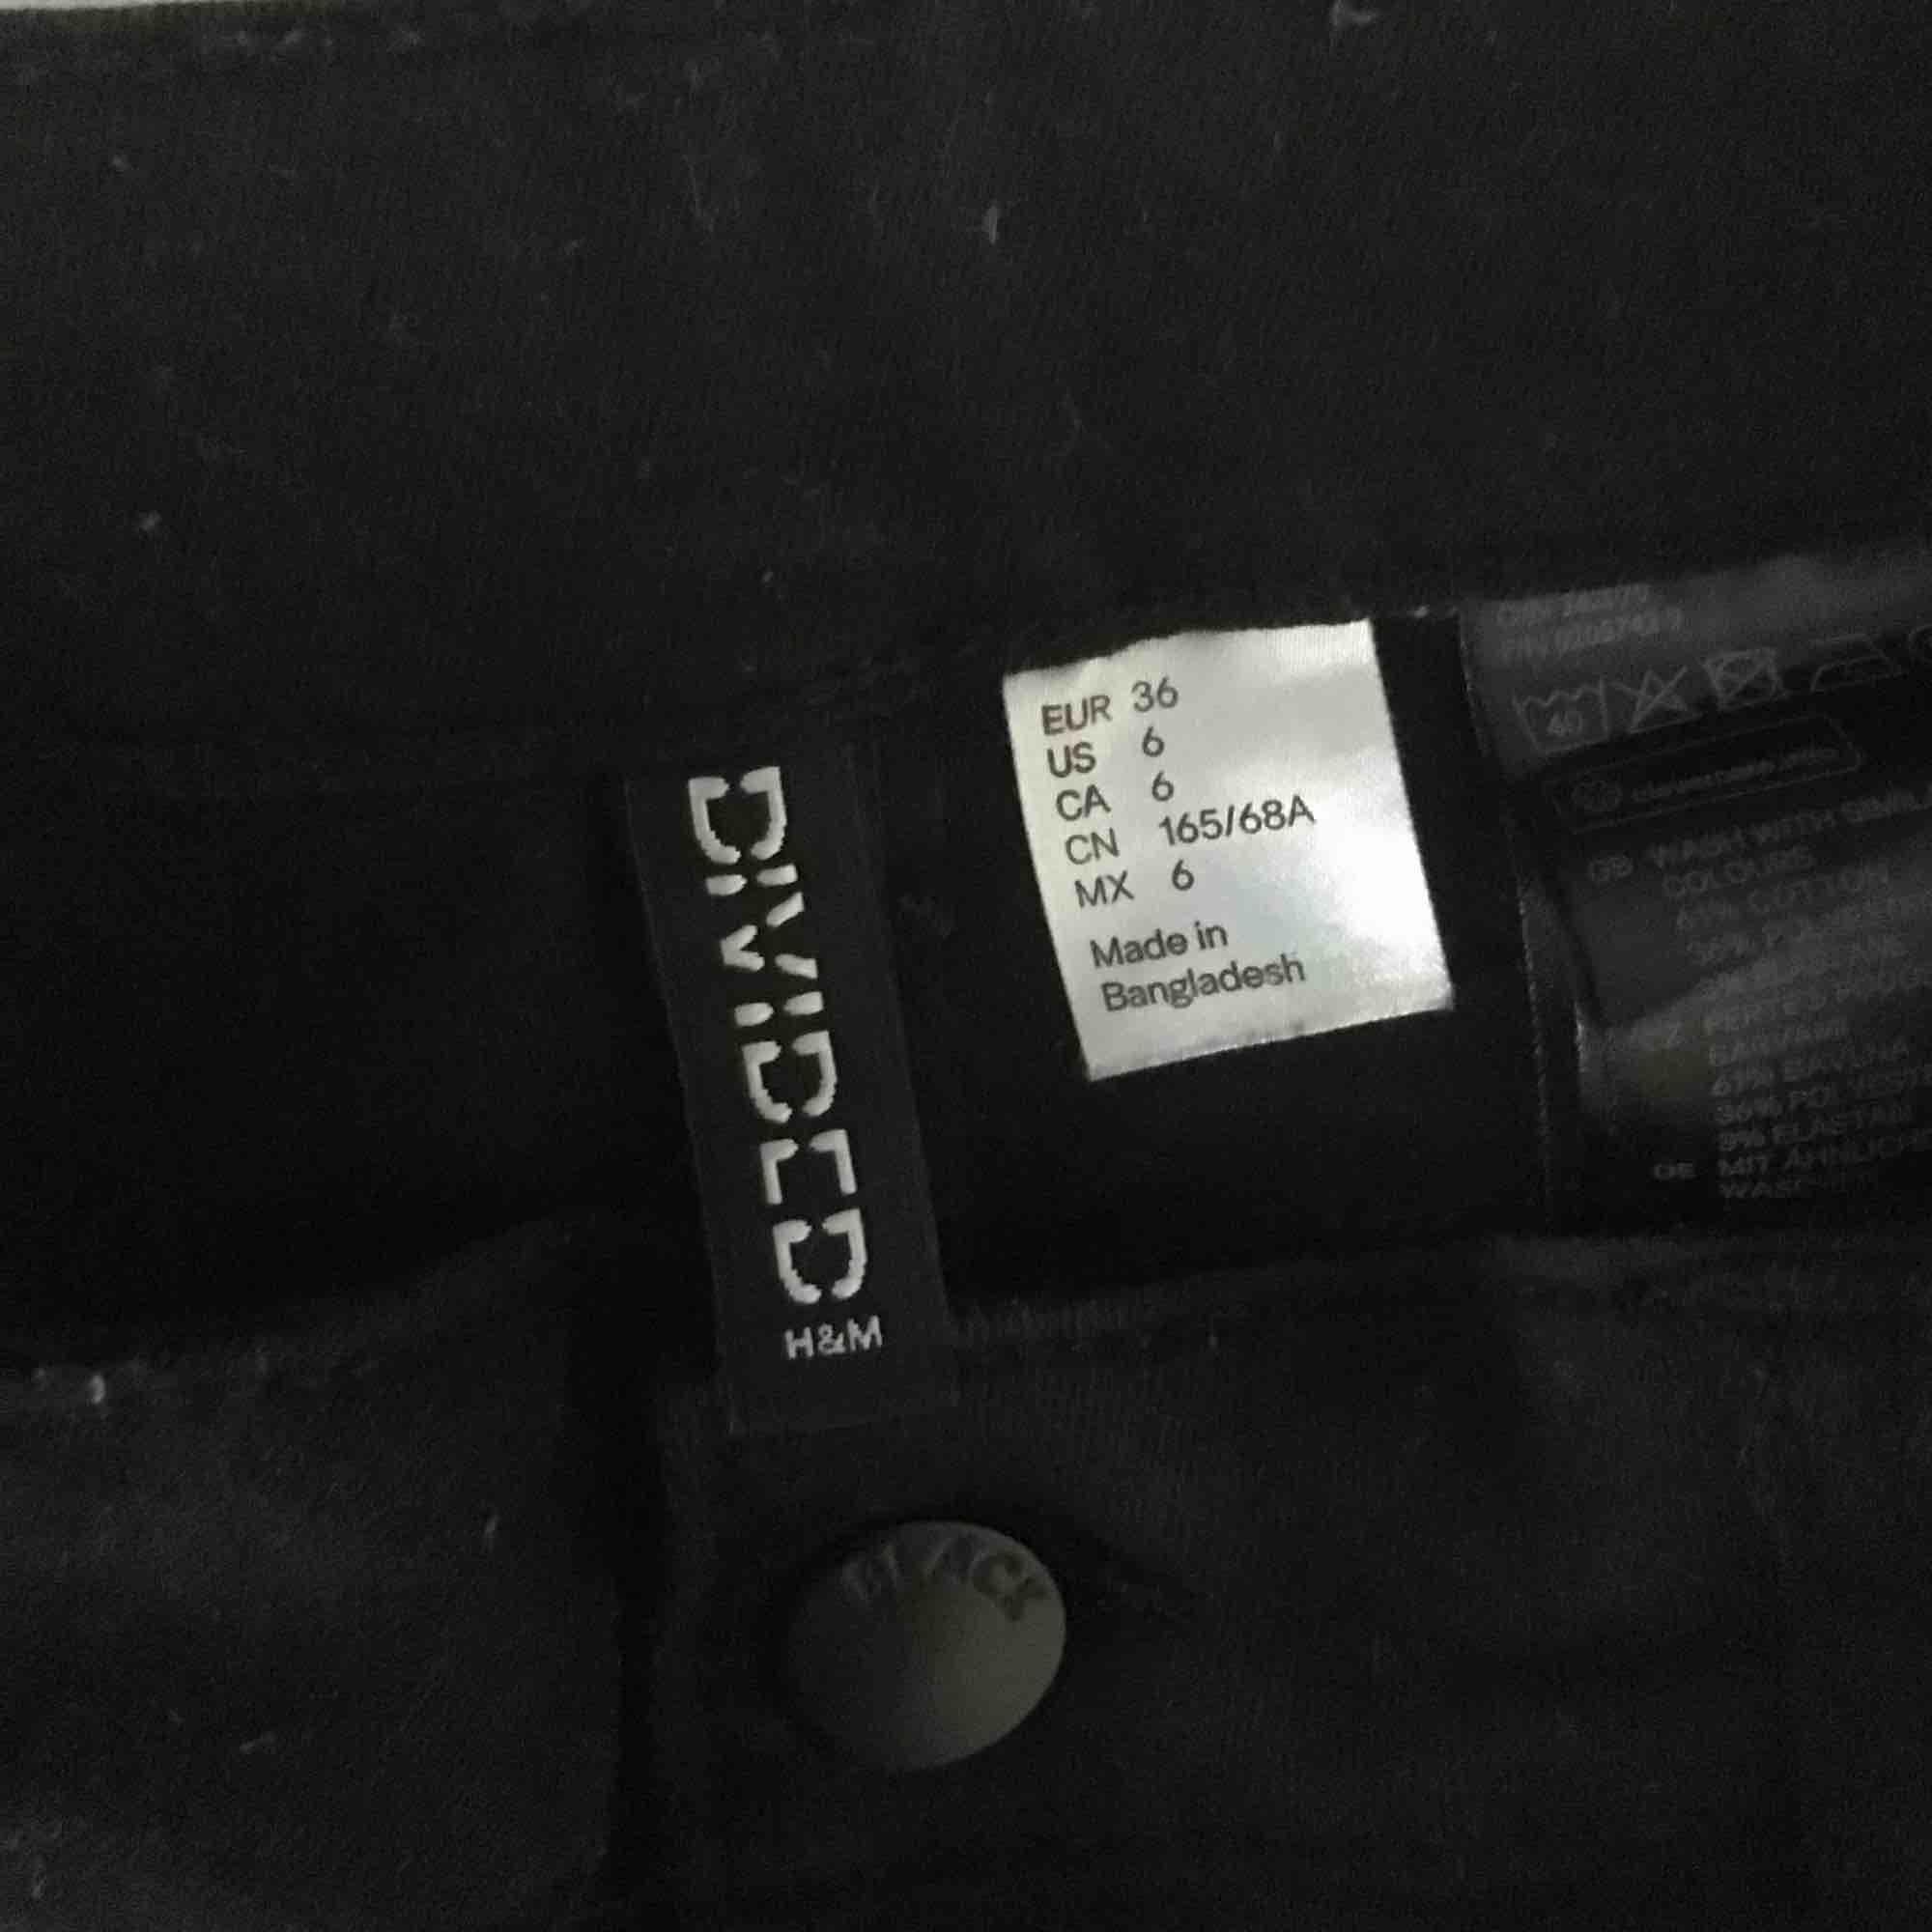 Korta svarta shorts i ett väldigt stretchigt material, är som avklippta vid benen. Kommer ej till användning av mig. ☺️. Shorts.